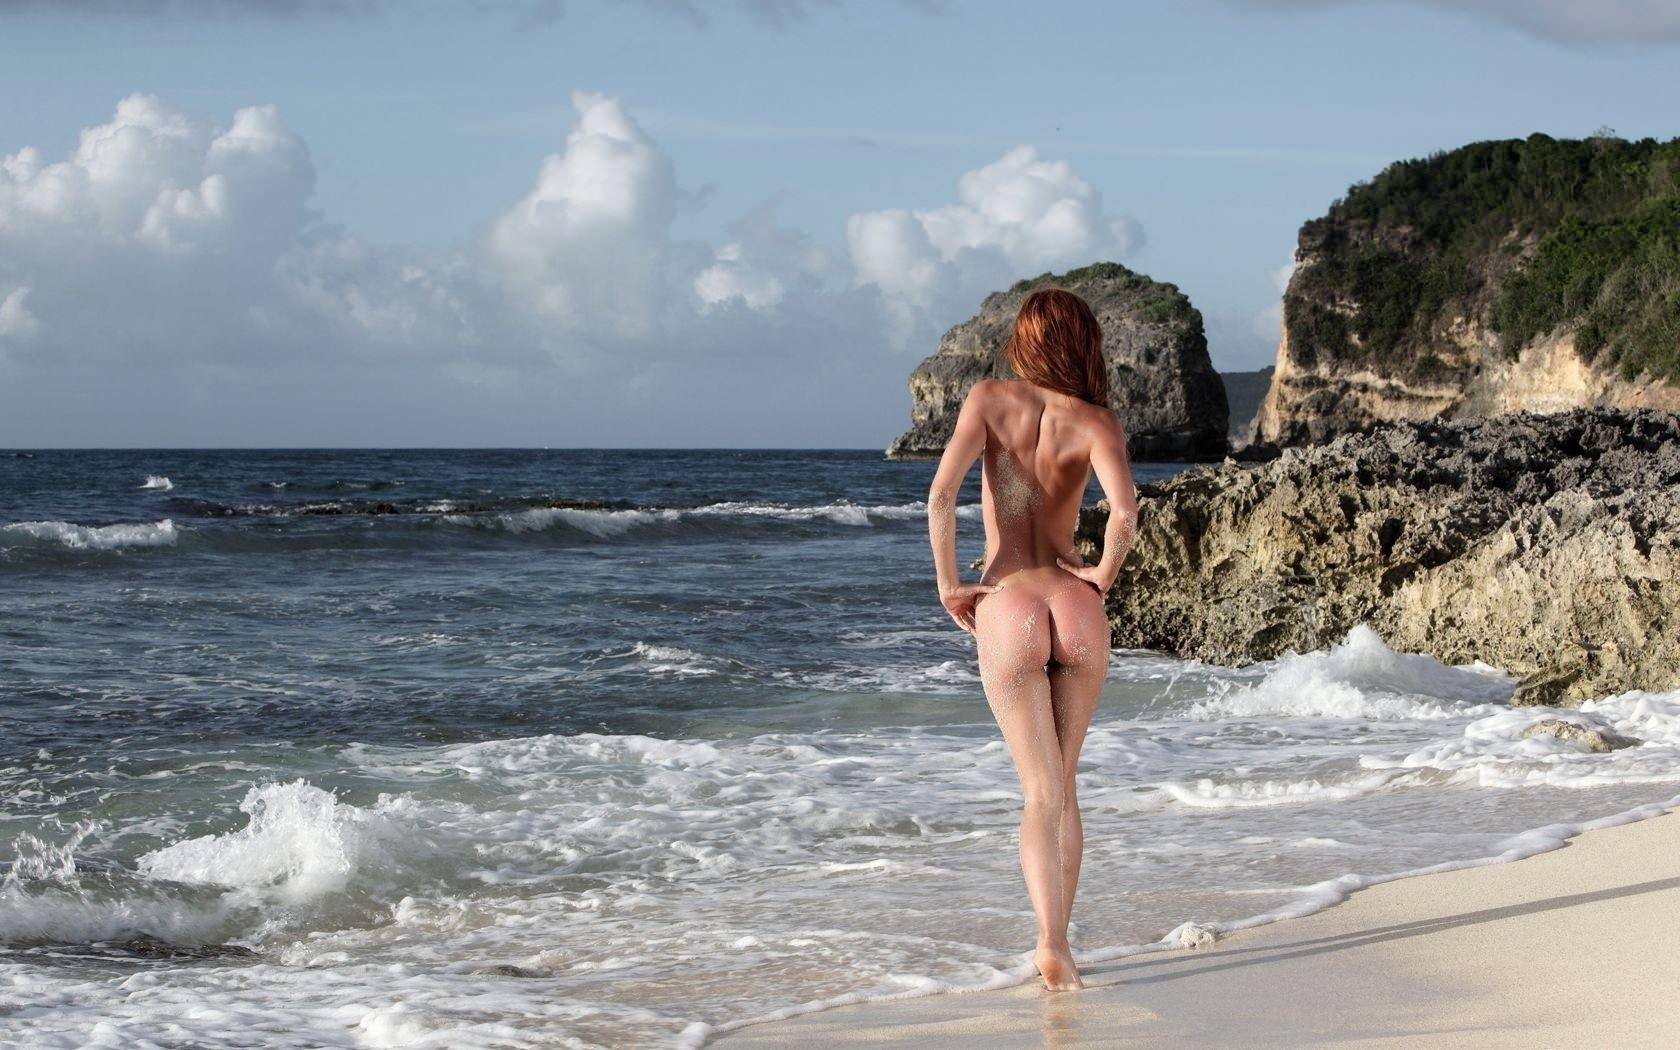 Экзотический секс вдвоем на берегу моря фото 7 фотография